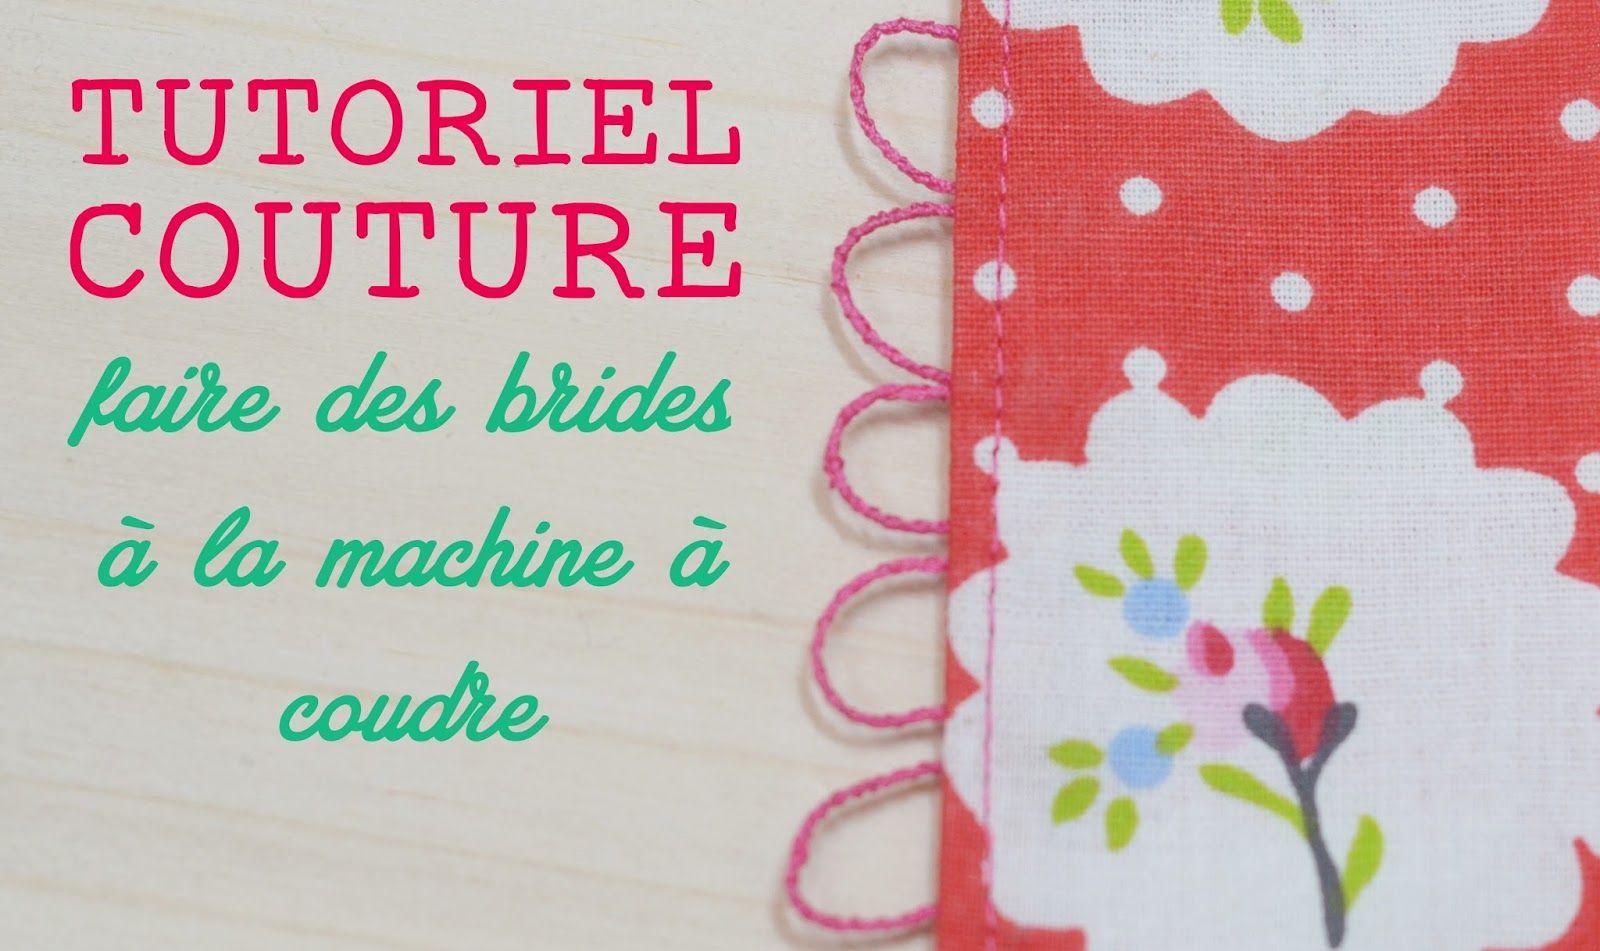 Tuto couture : faire des brides … à la machine à coudre !